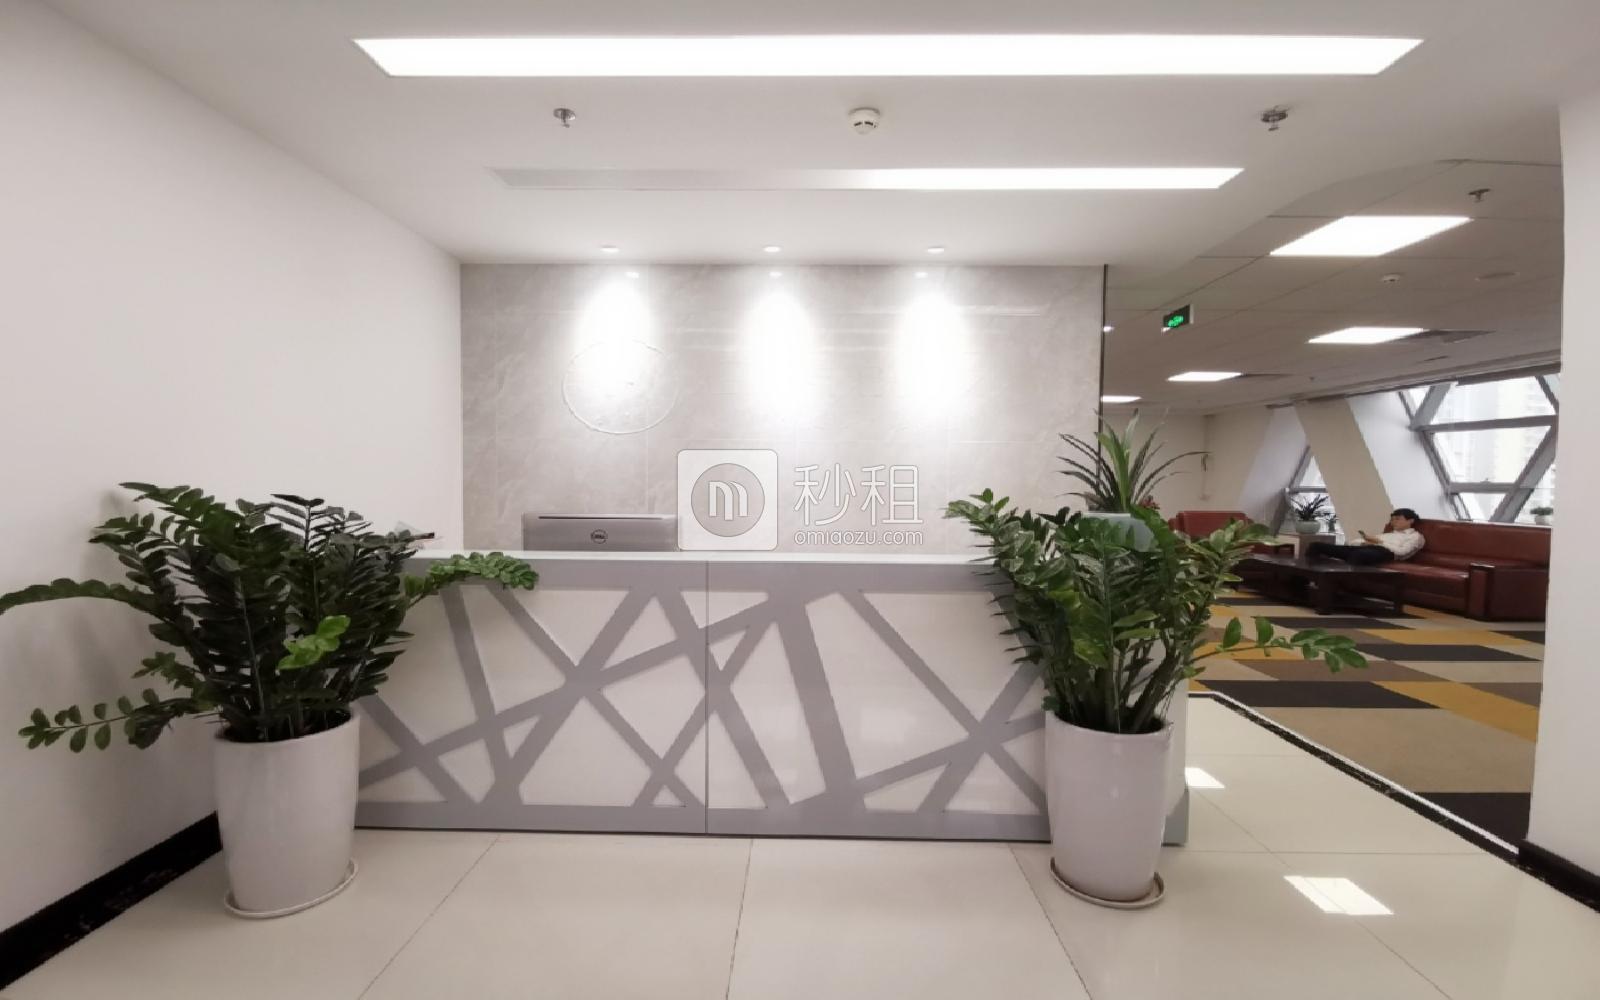 南山-科技园 创业投资大厦 560m²